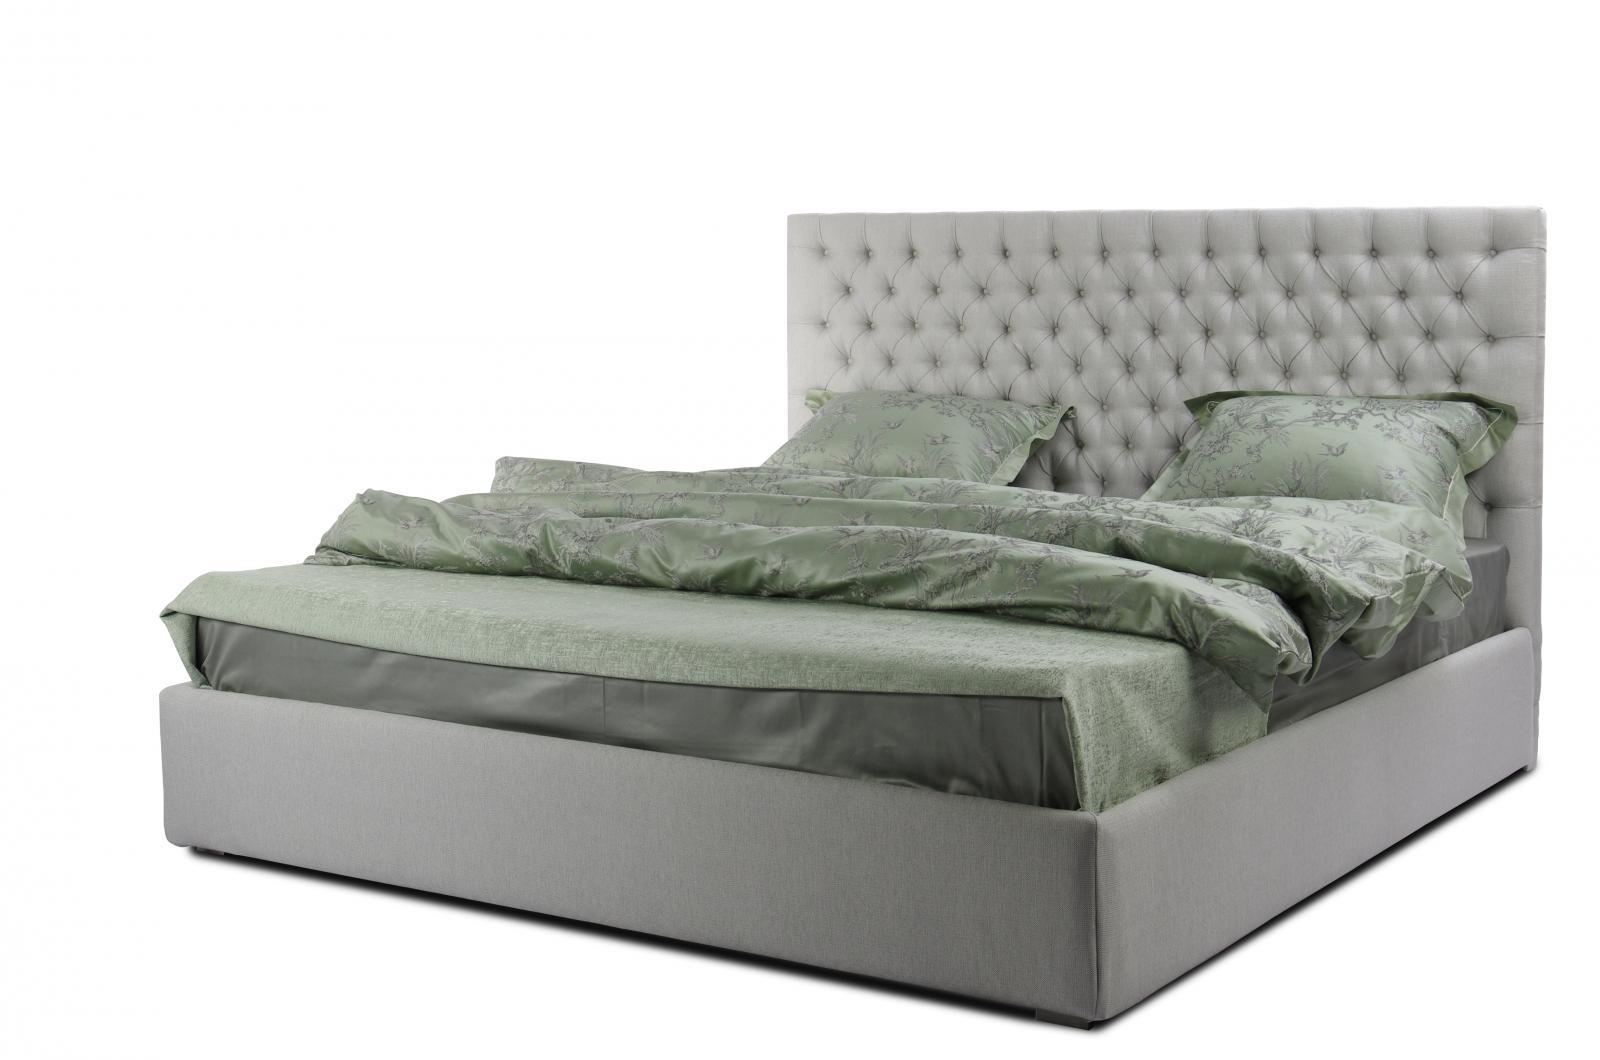 Купить Кровать Alfabed Vision с подъемным механизмом 140х200, inmyroom, Италия